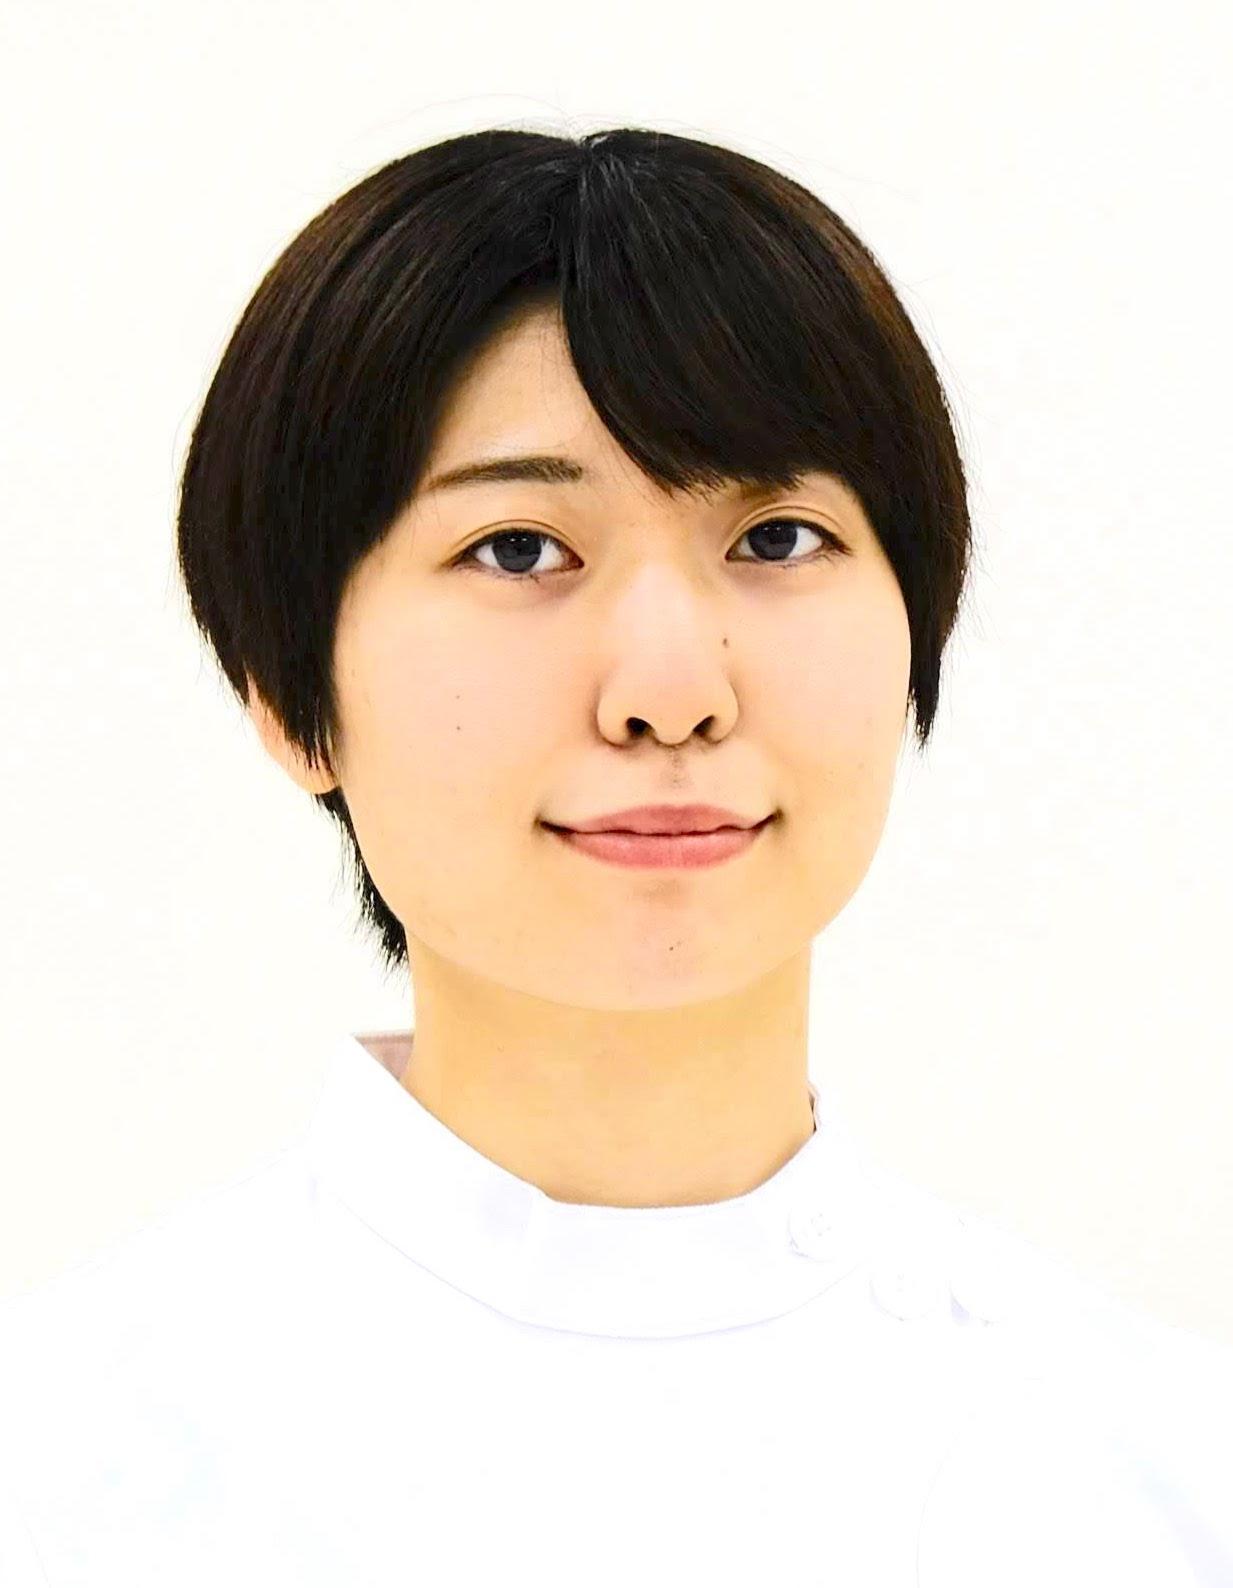 市川 瞳 顔写真